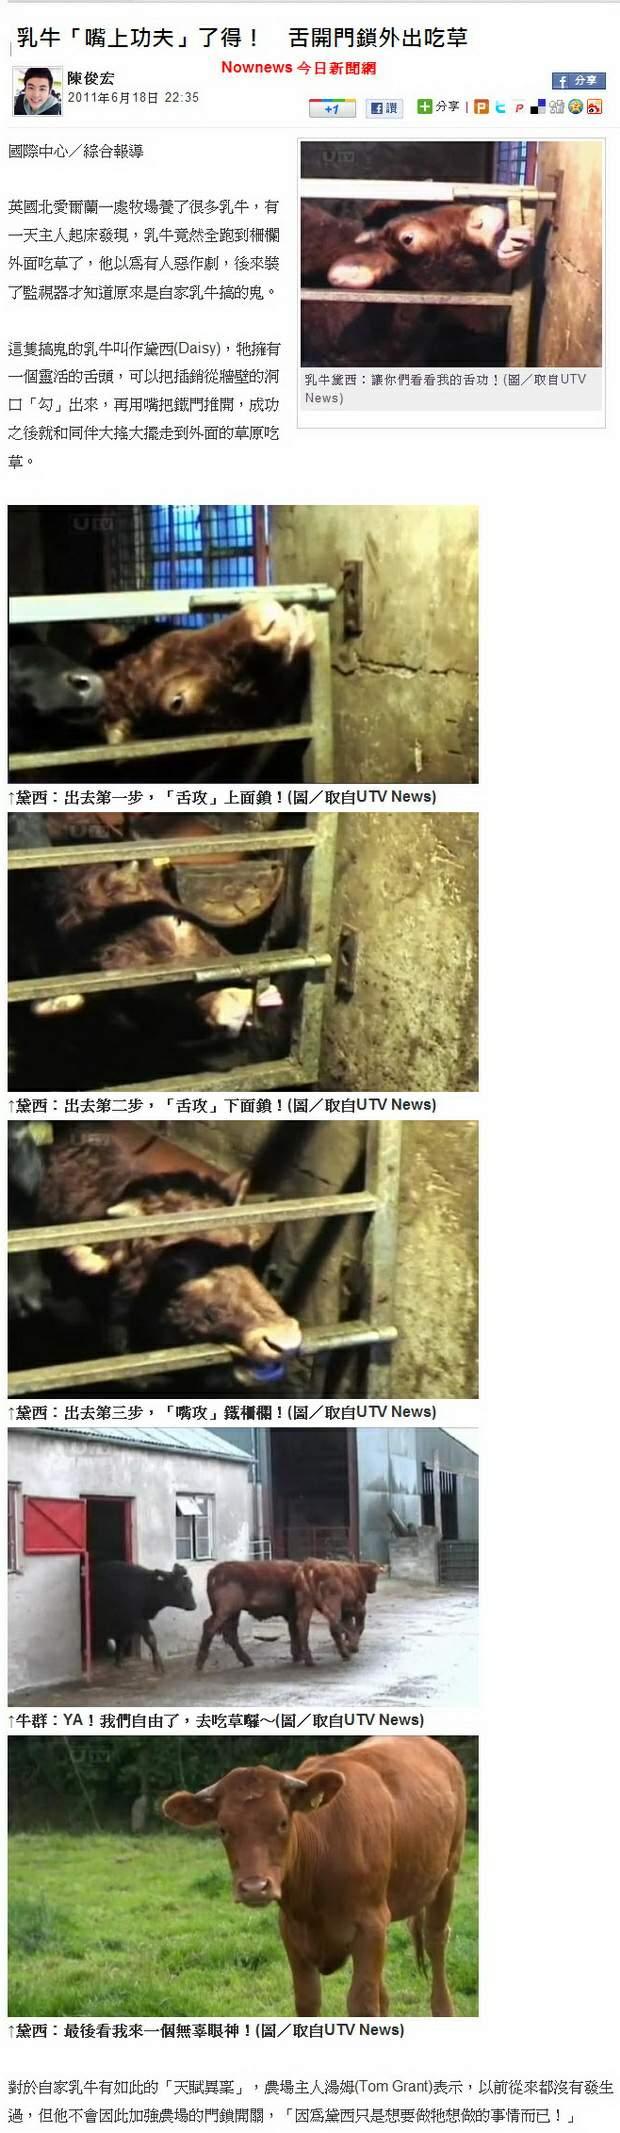 乳牛「嘴上功夫」了得! 舌開門鎖外出吃草-2011.06.18-2.jpg